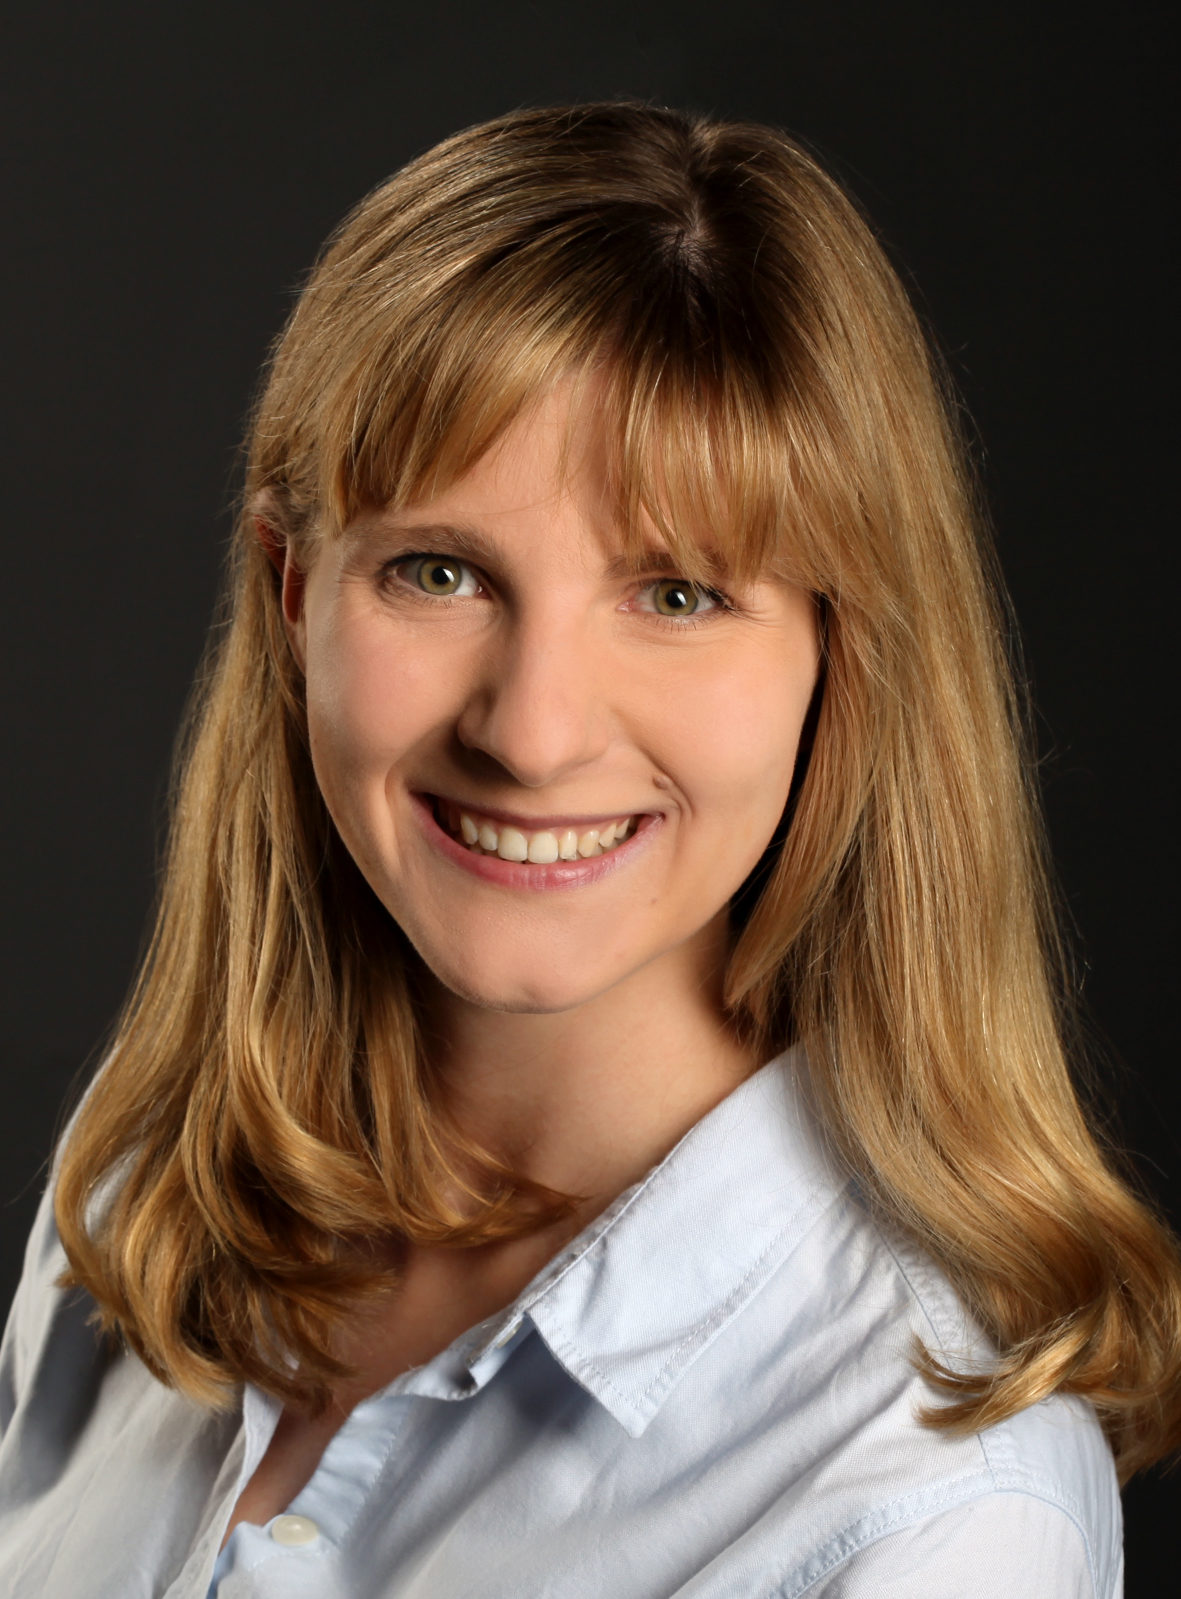 Kristina Amtmann